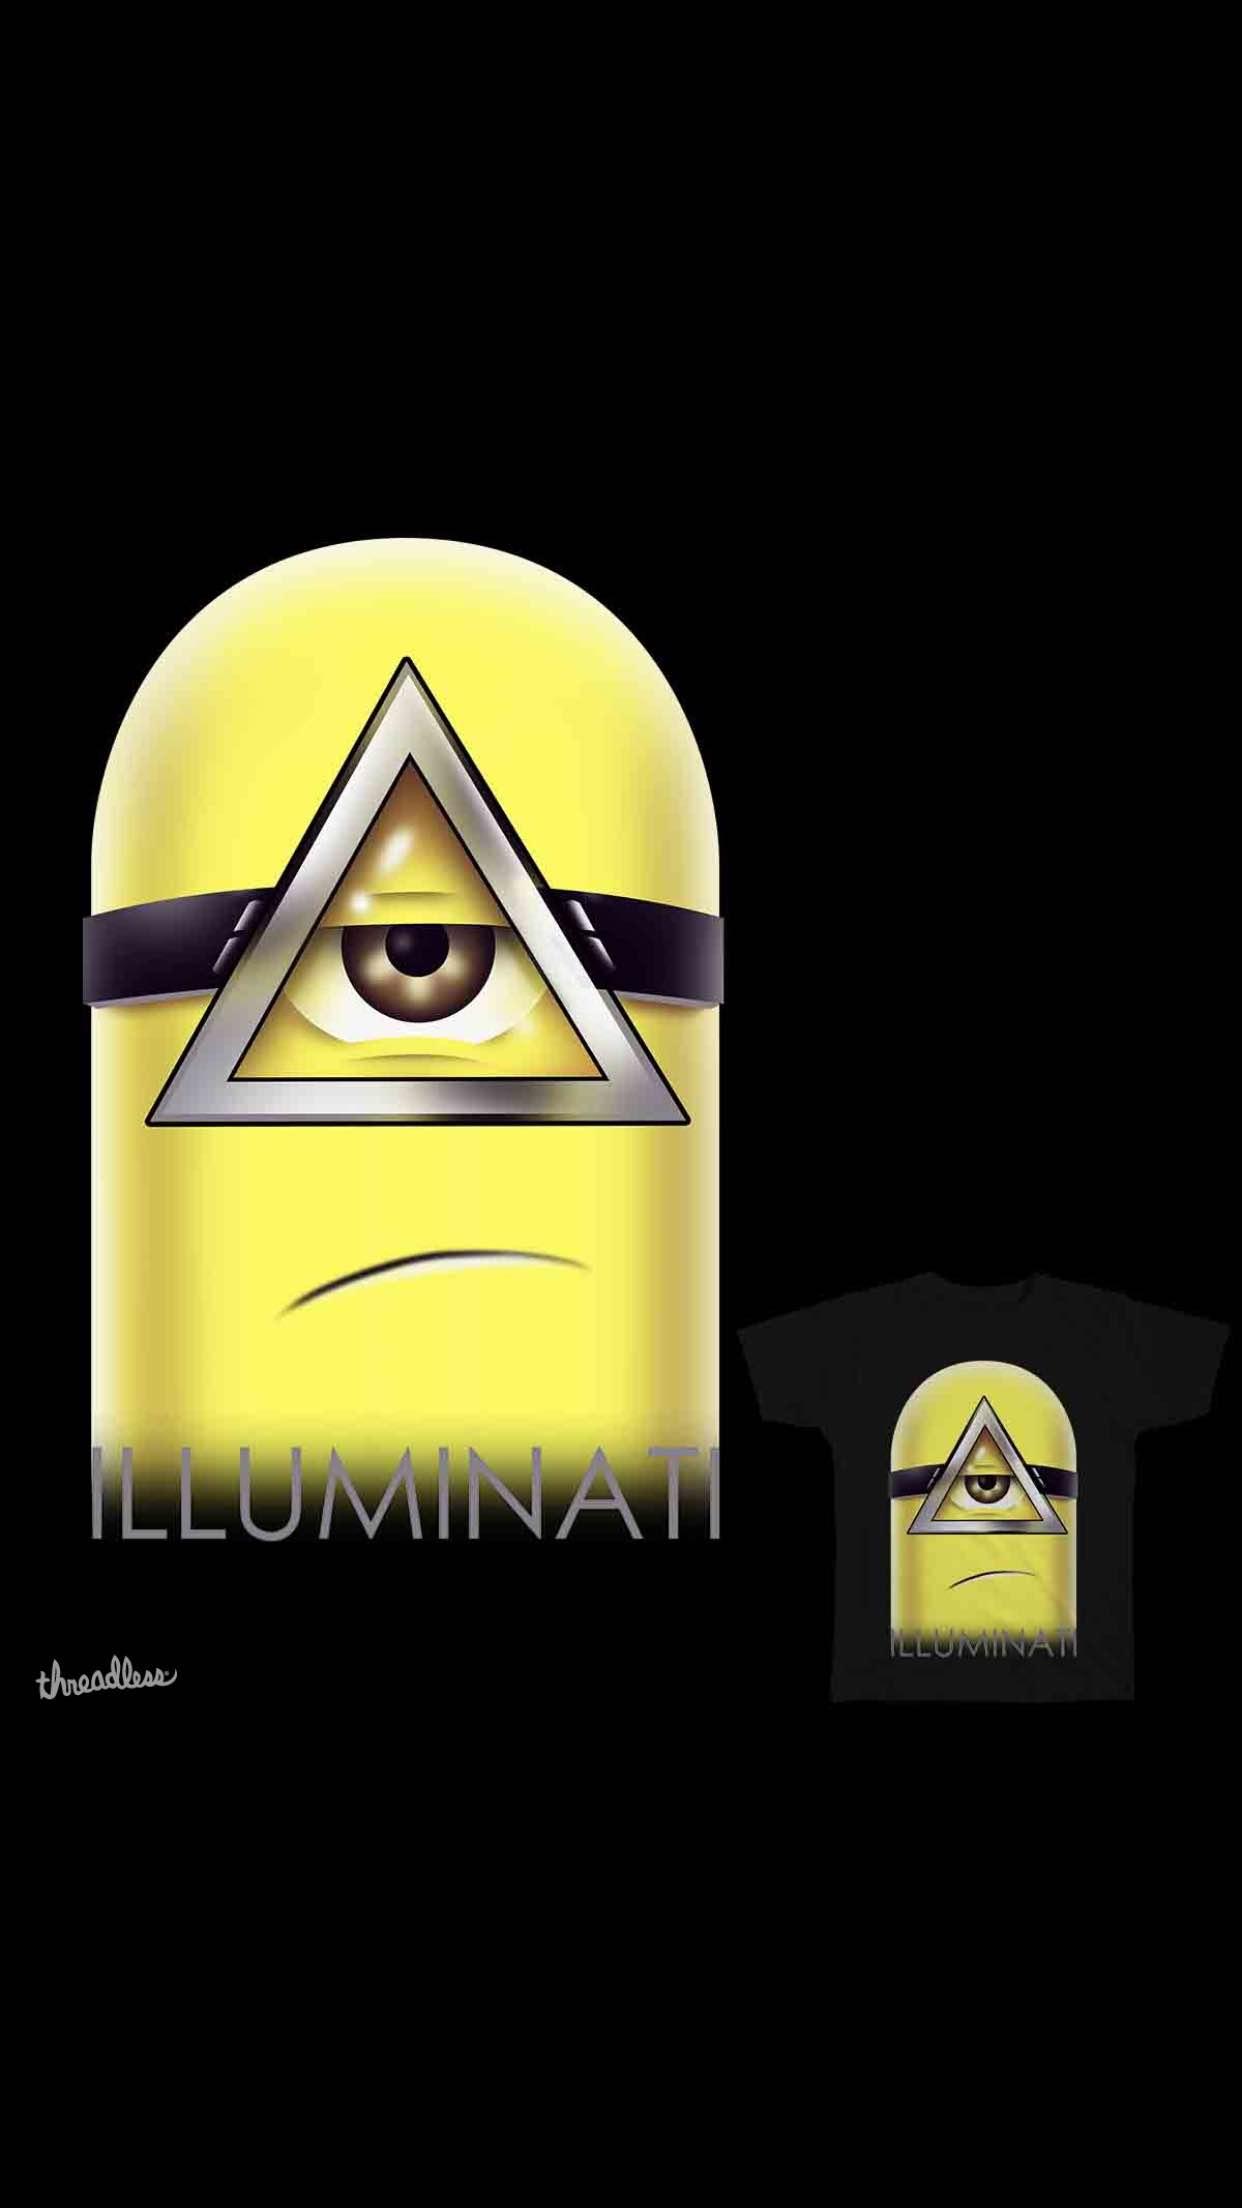 illuminati minions 3 3Wallpapers iPhone Parallax Illuminati Minions